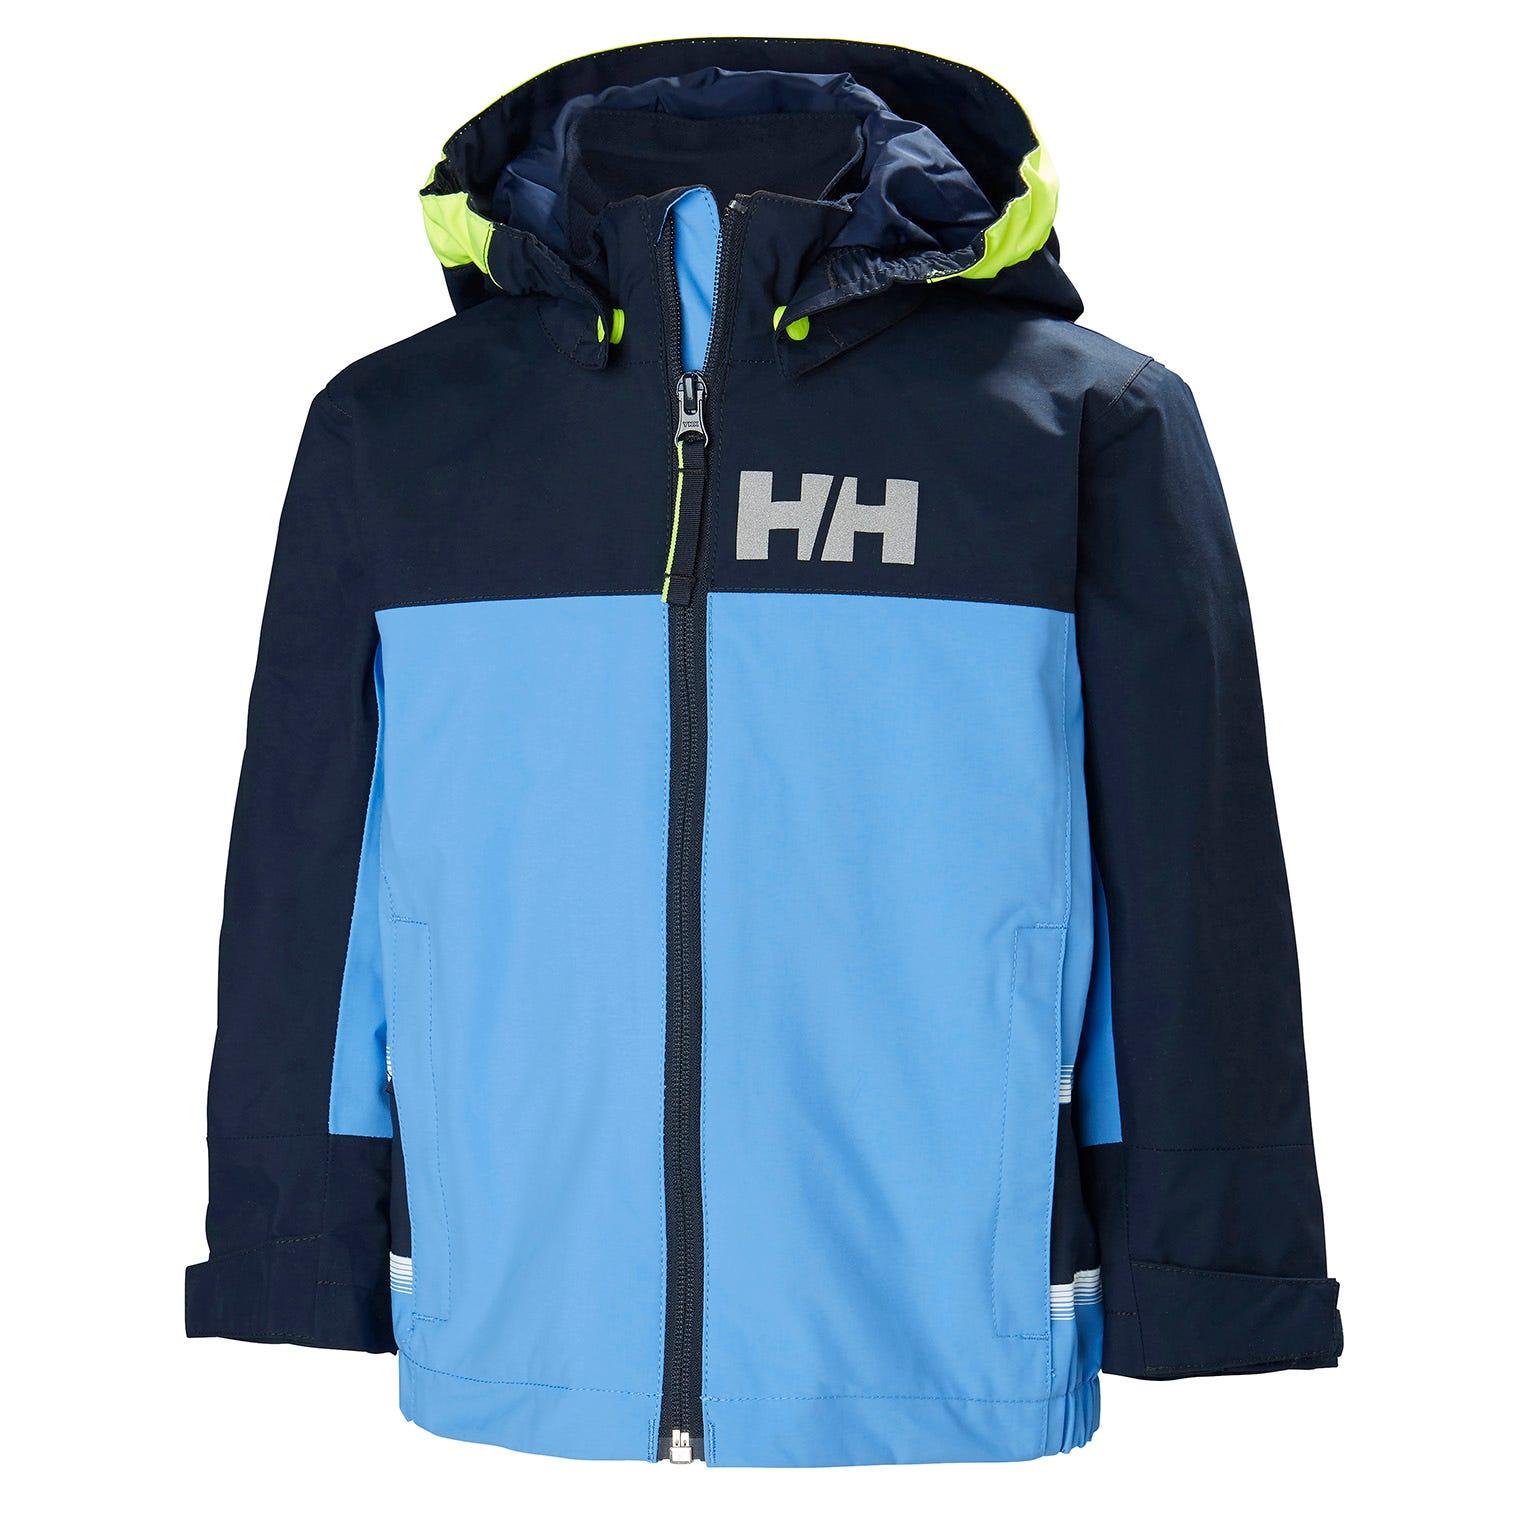 Helly Hansen Kids Norse Jacket Blue 86/1